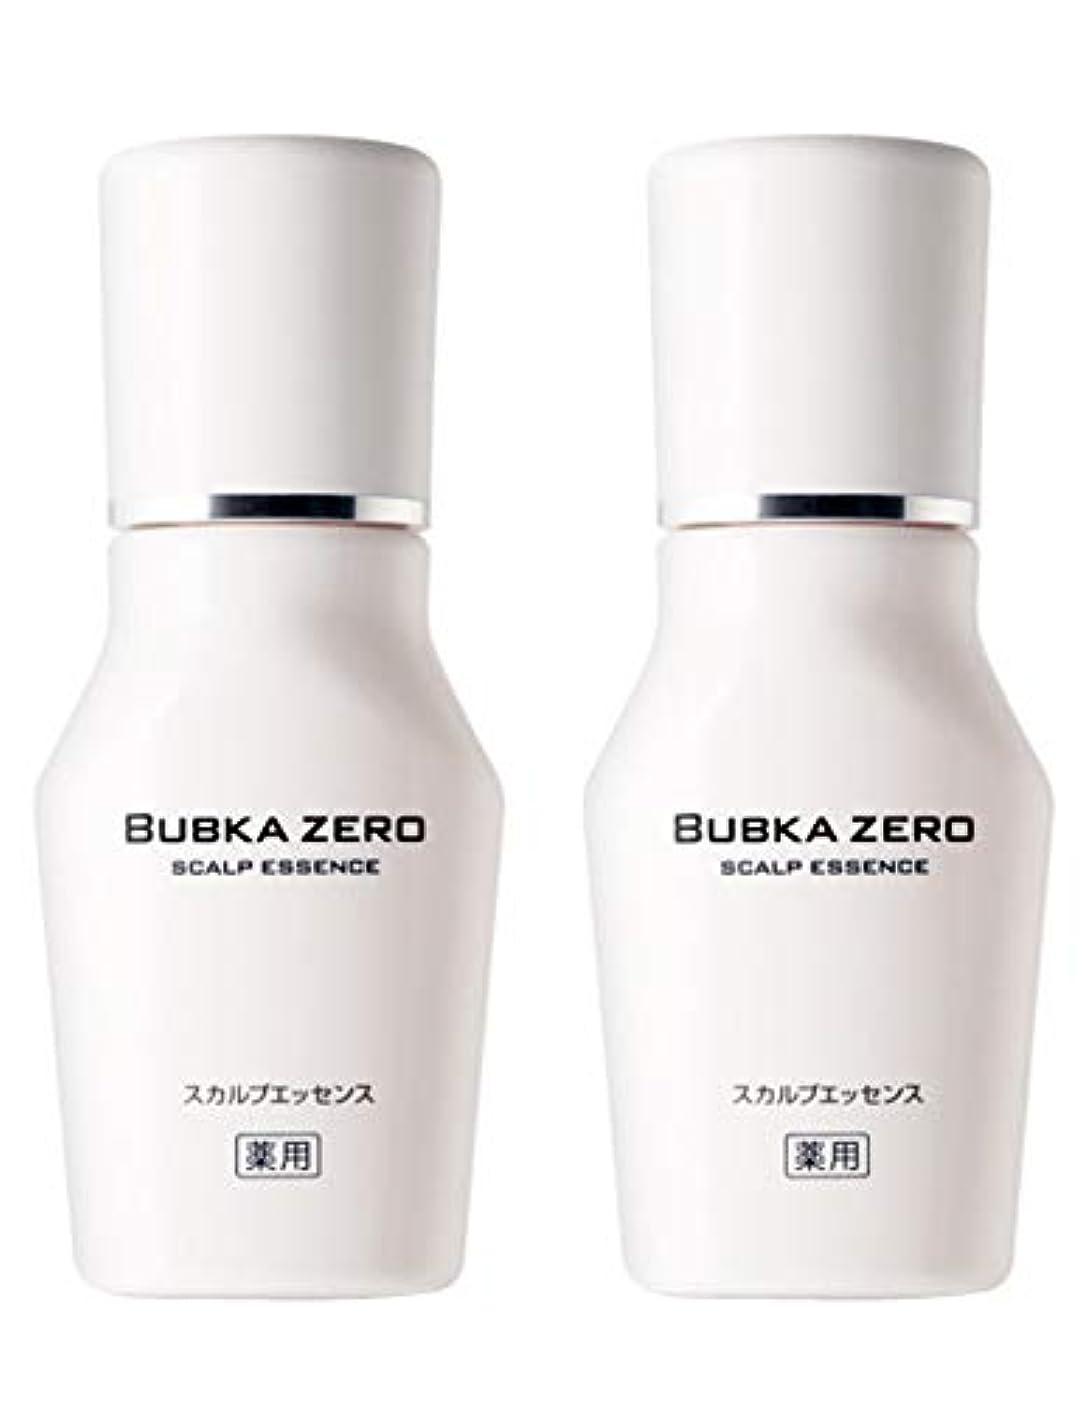 咽頭証言する草【医薬部外品】BUBKA(ブブカ)薬用 スカルプエッセンス 育毛剤 BUBKA ZERO (ブブカ ゼロ)2本セット